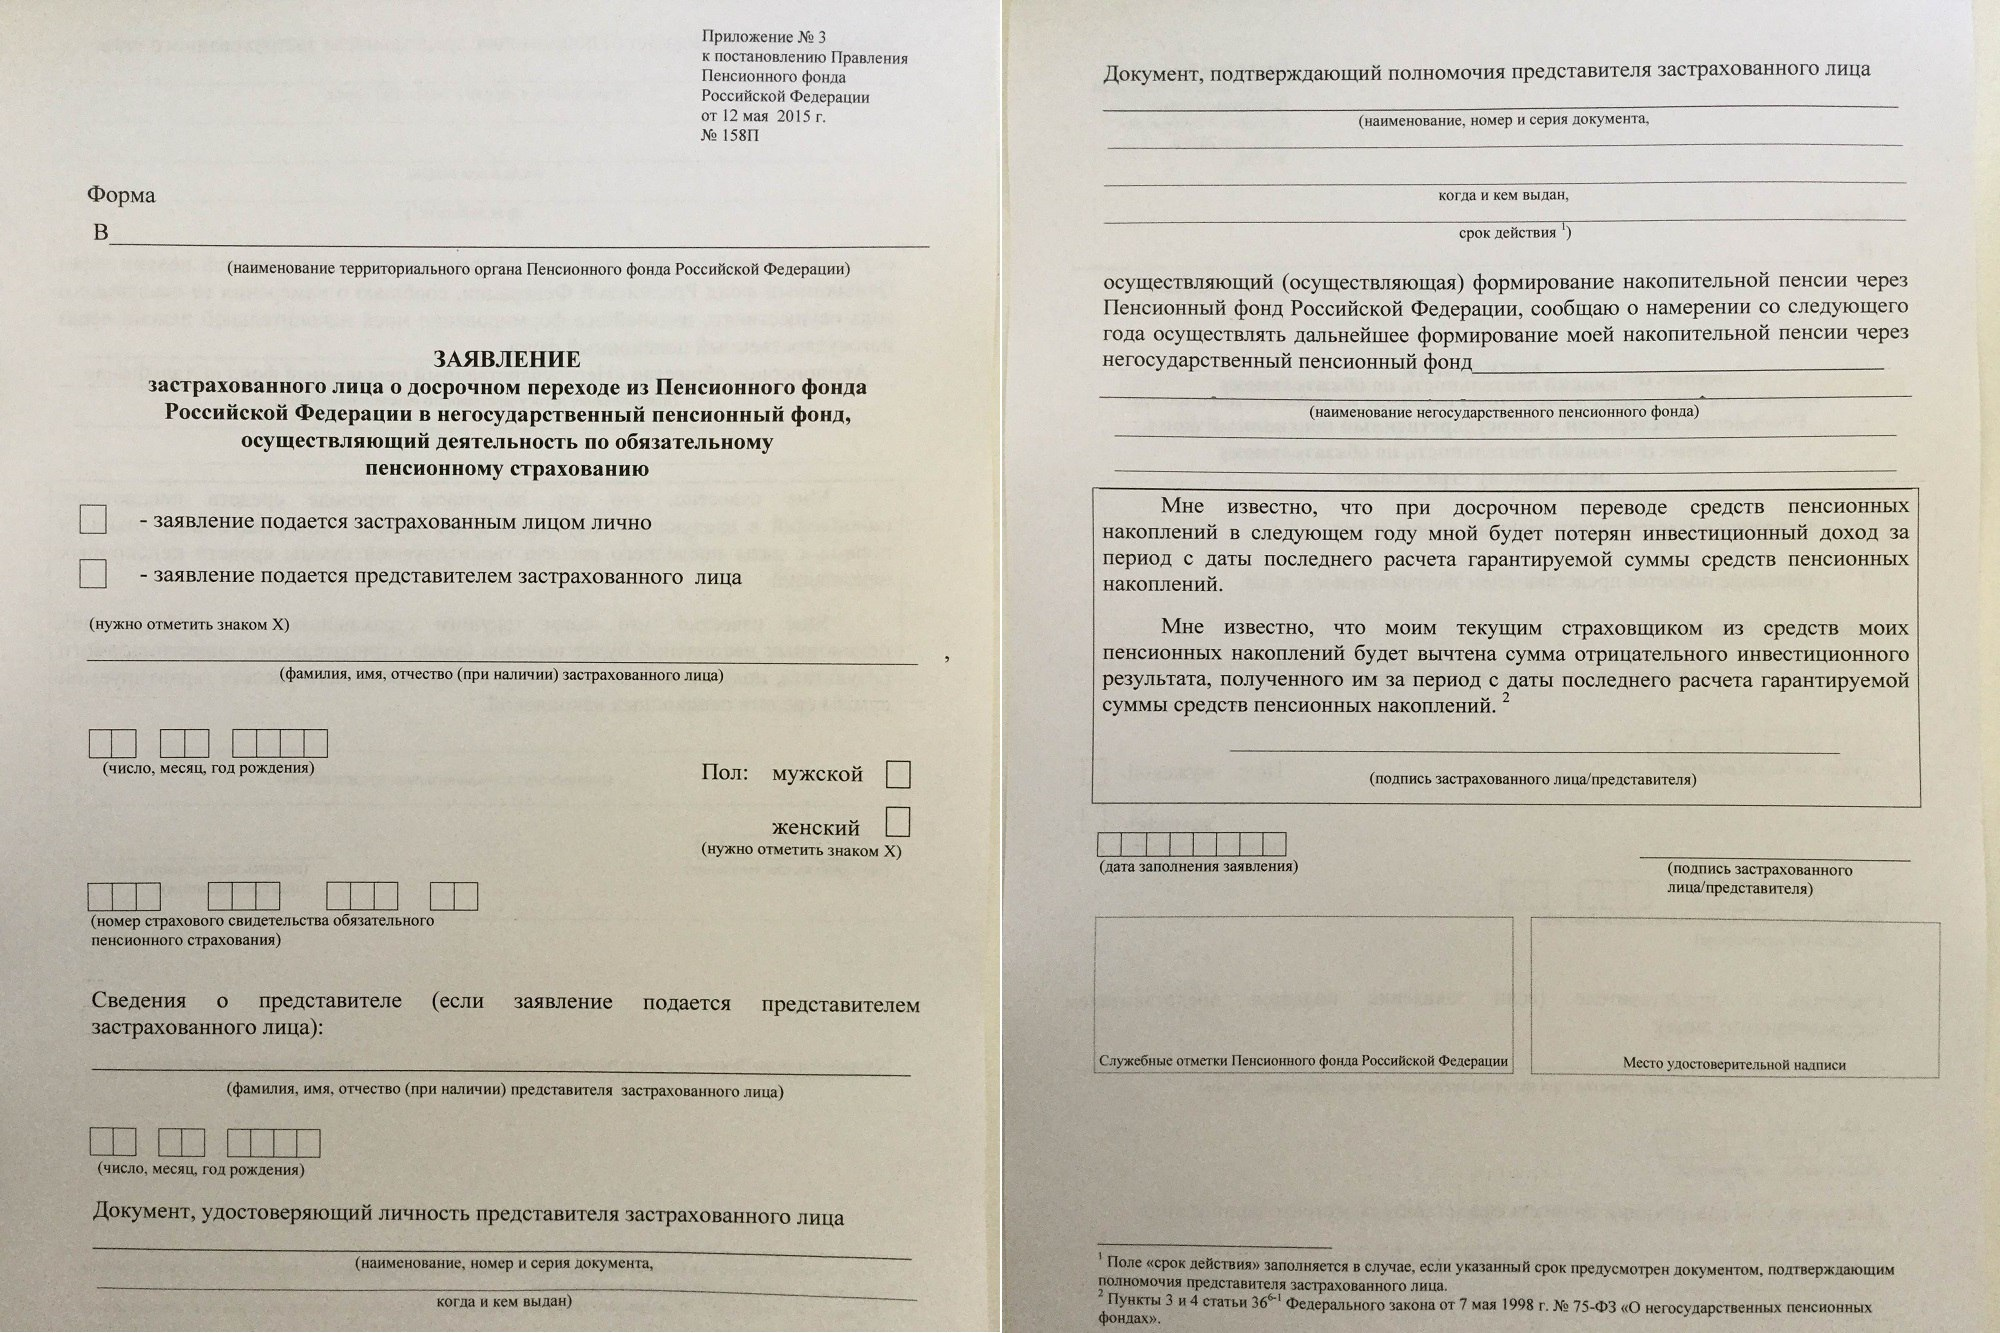 образец запроса в территориальный орган пенсионного фонда